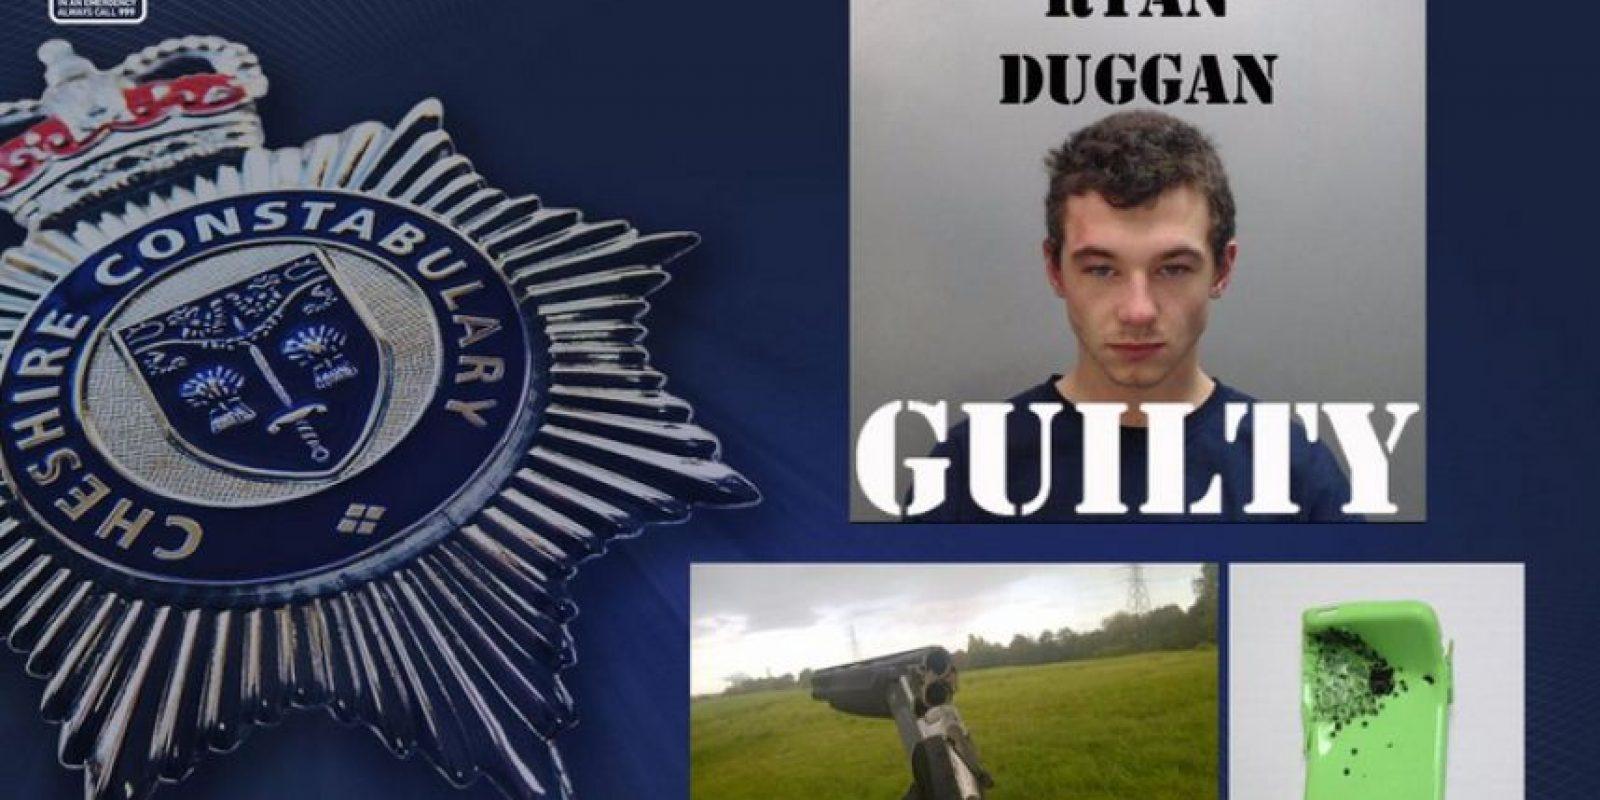 También, en Inglaterra un iPhone 5c salvó a un hombre de la muerte tras soportar un impacto de bala. Foto:Cheshire Police